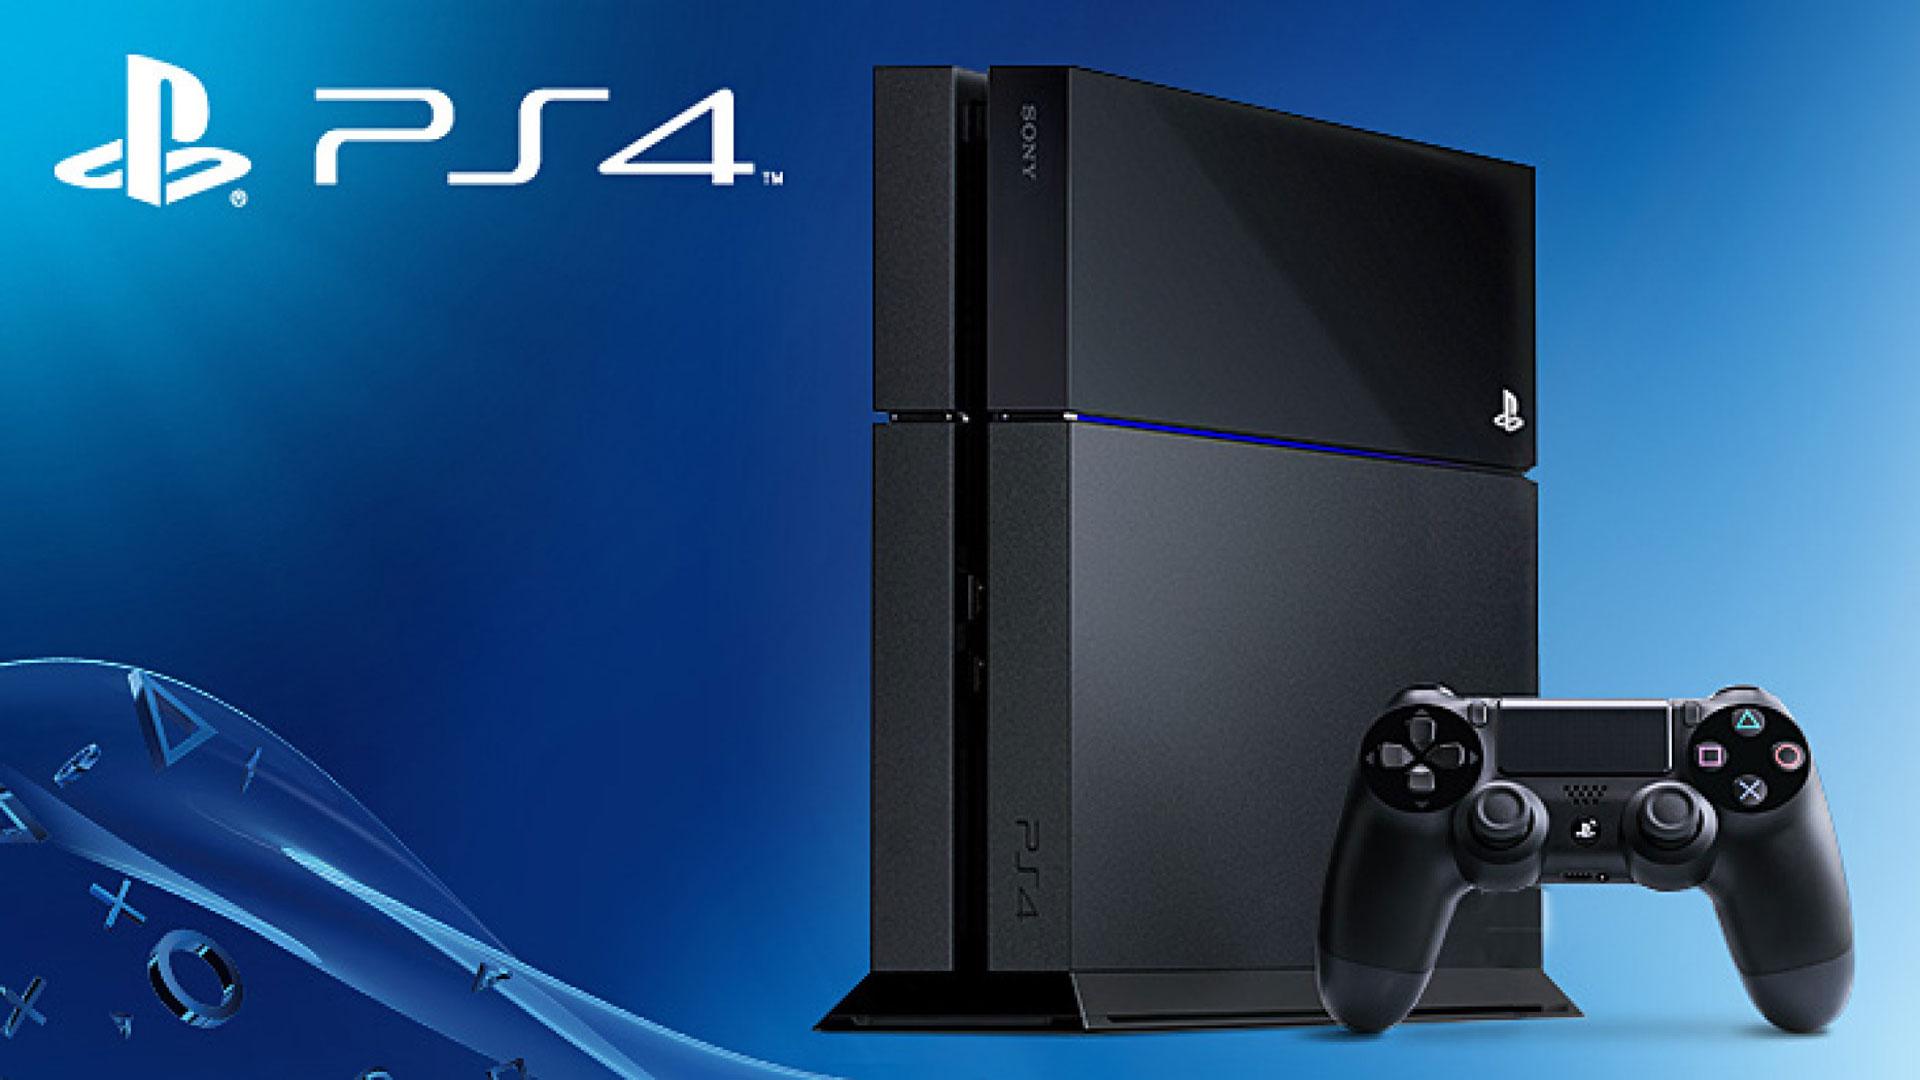 硬件一樣只升級系統硬碟 | 新一代 PS4 值得換機嗎?